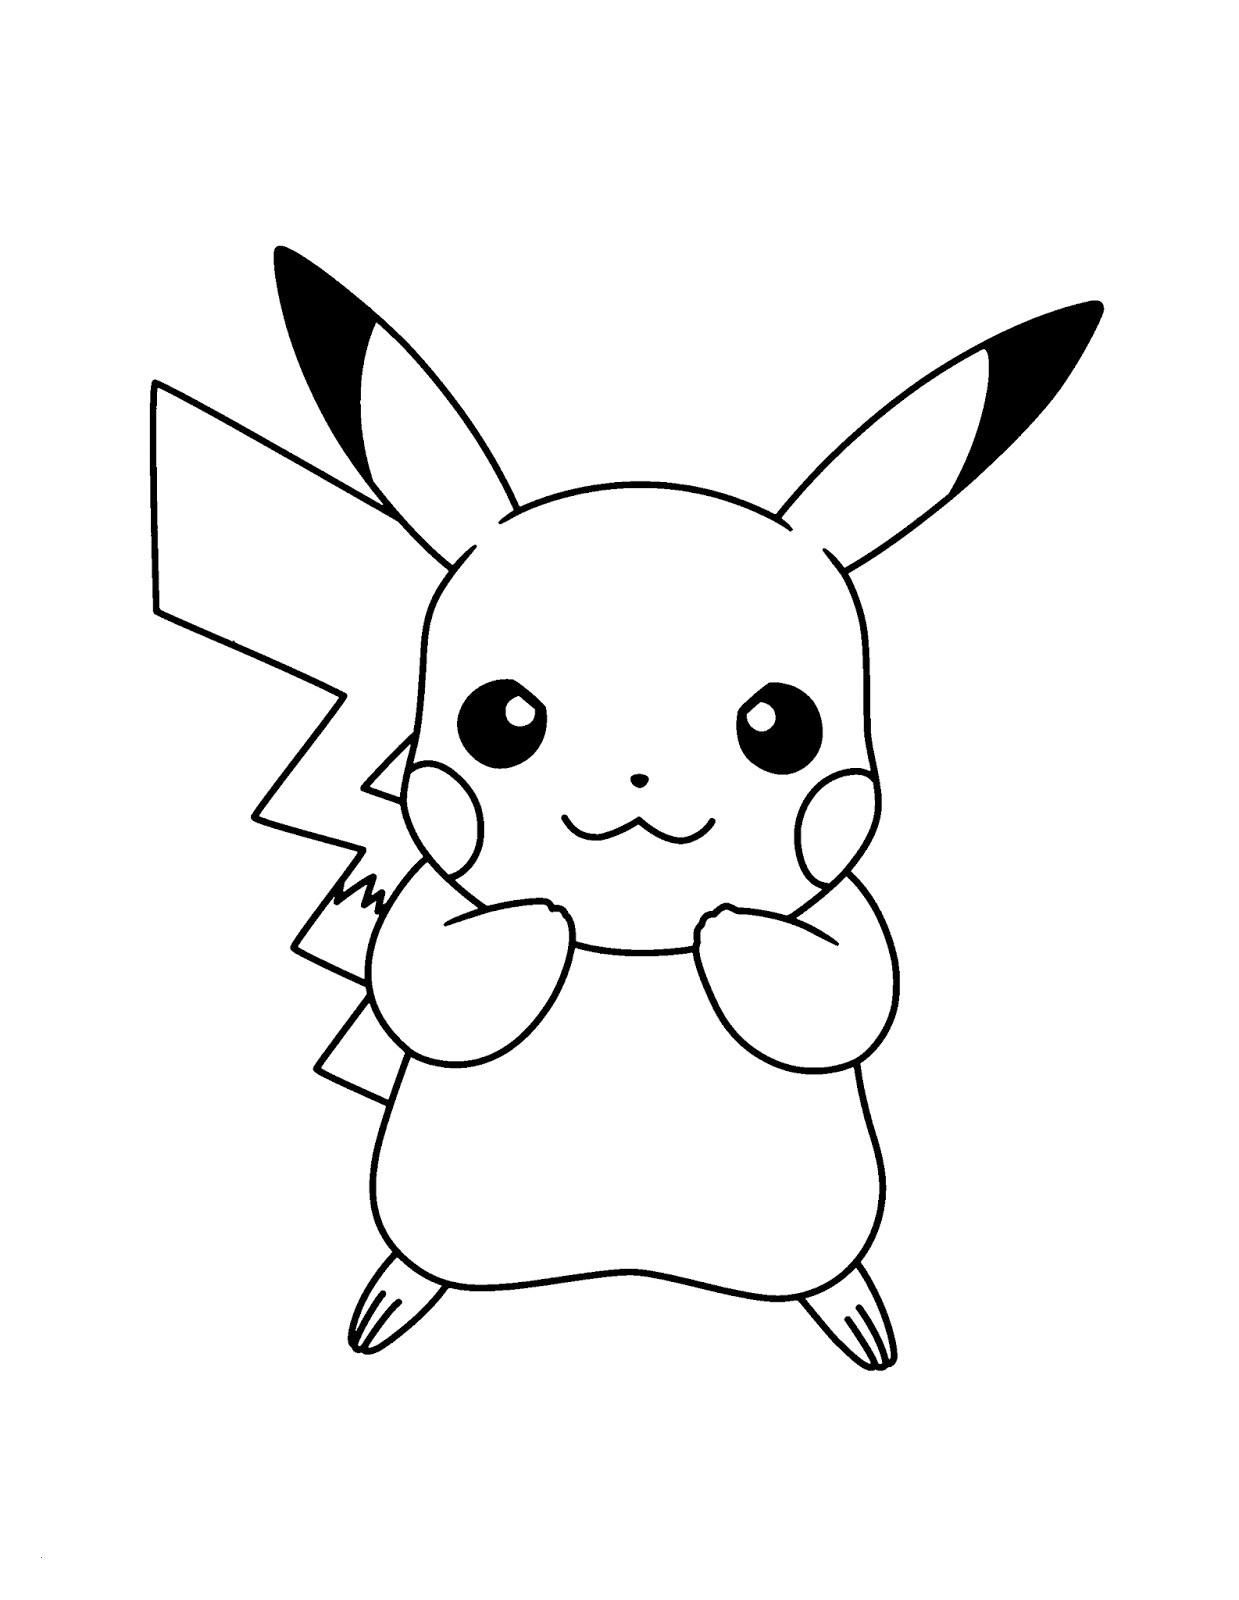 Pokemon sonne Und Mond Ausmalbilder Genial Pikachu Ausmalbild Pokemon Pinterest Inspirierend Ausmalbilder Zum Bilder